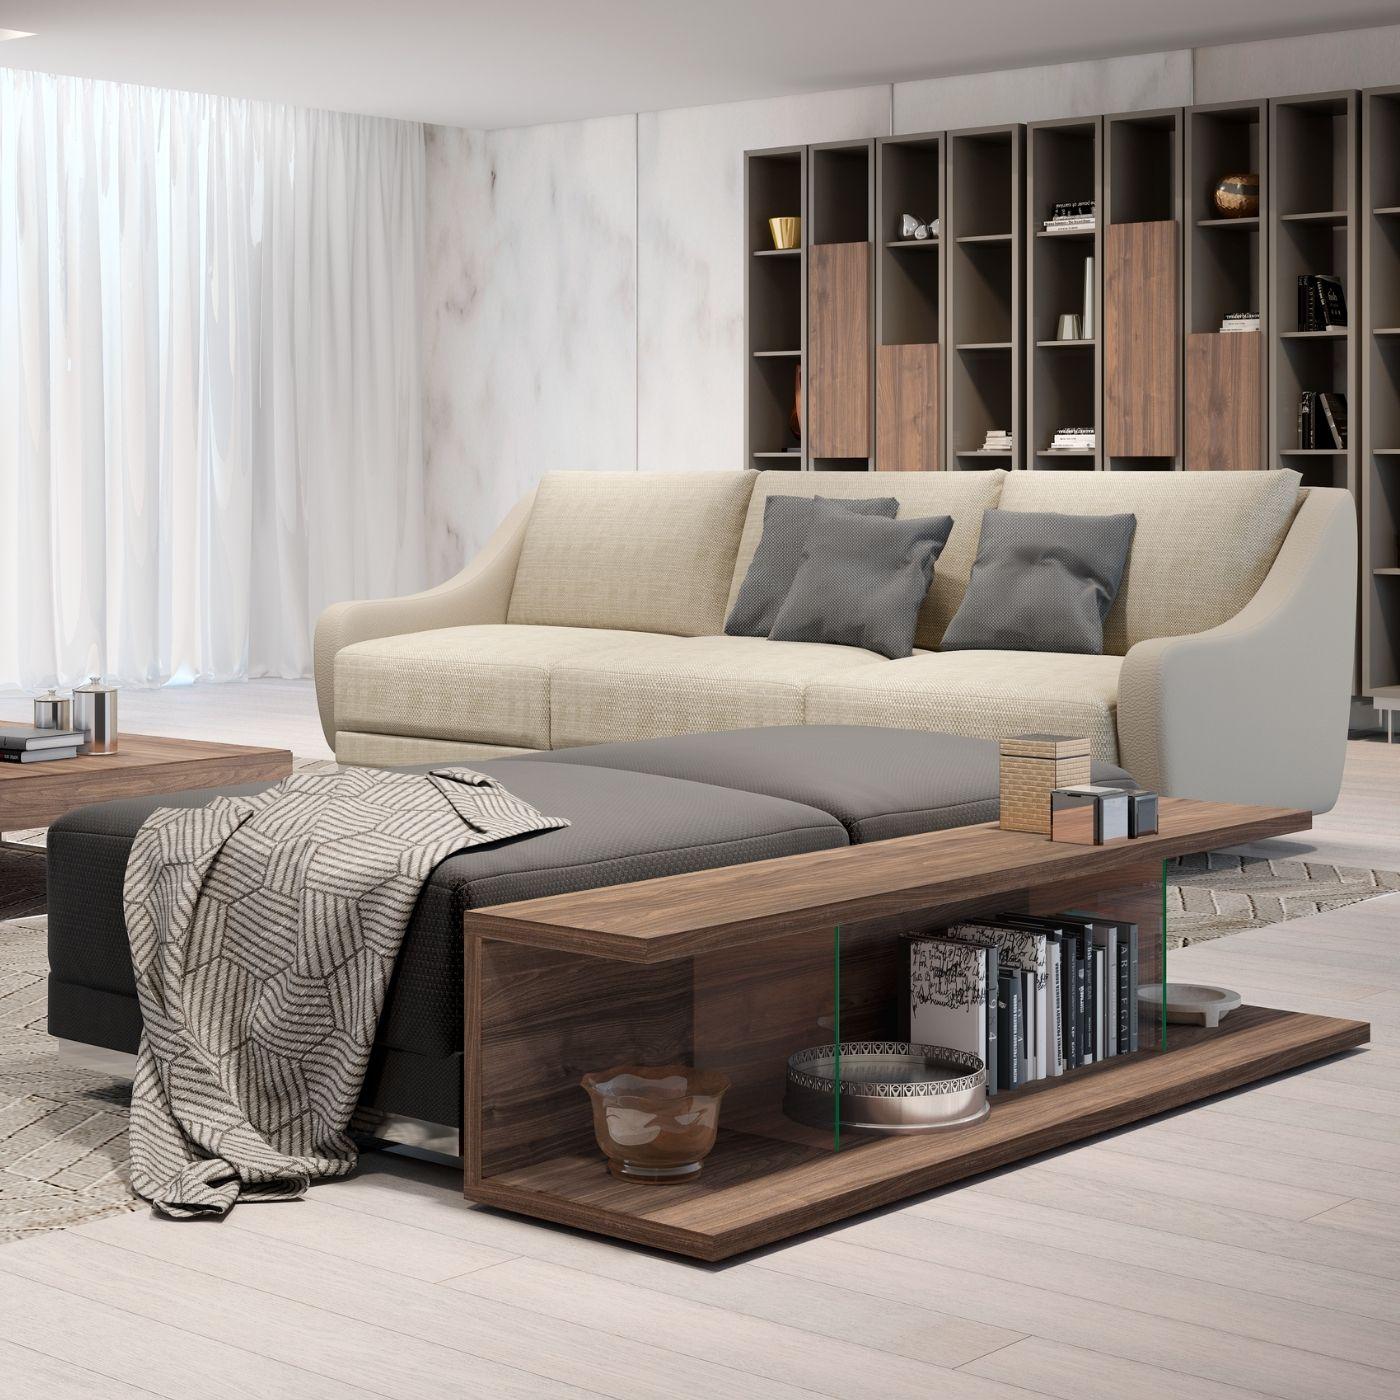 Base de apoio a sofá